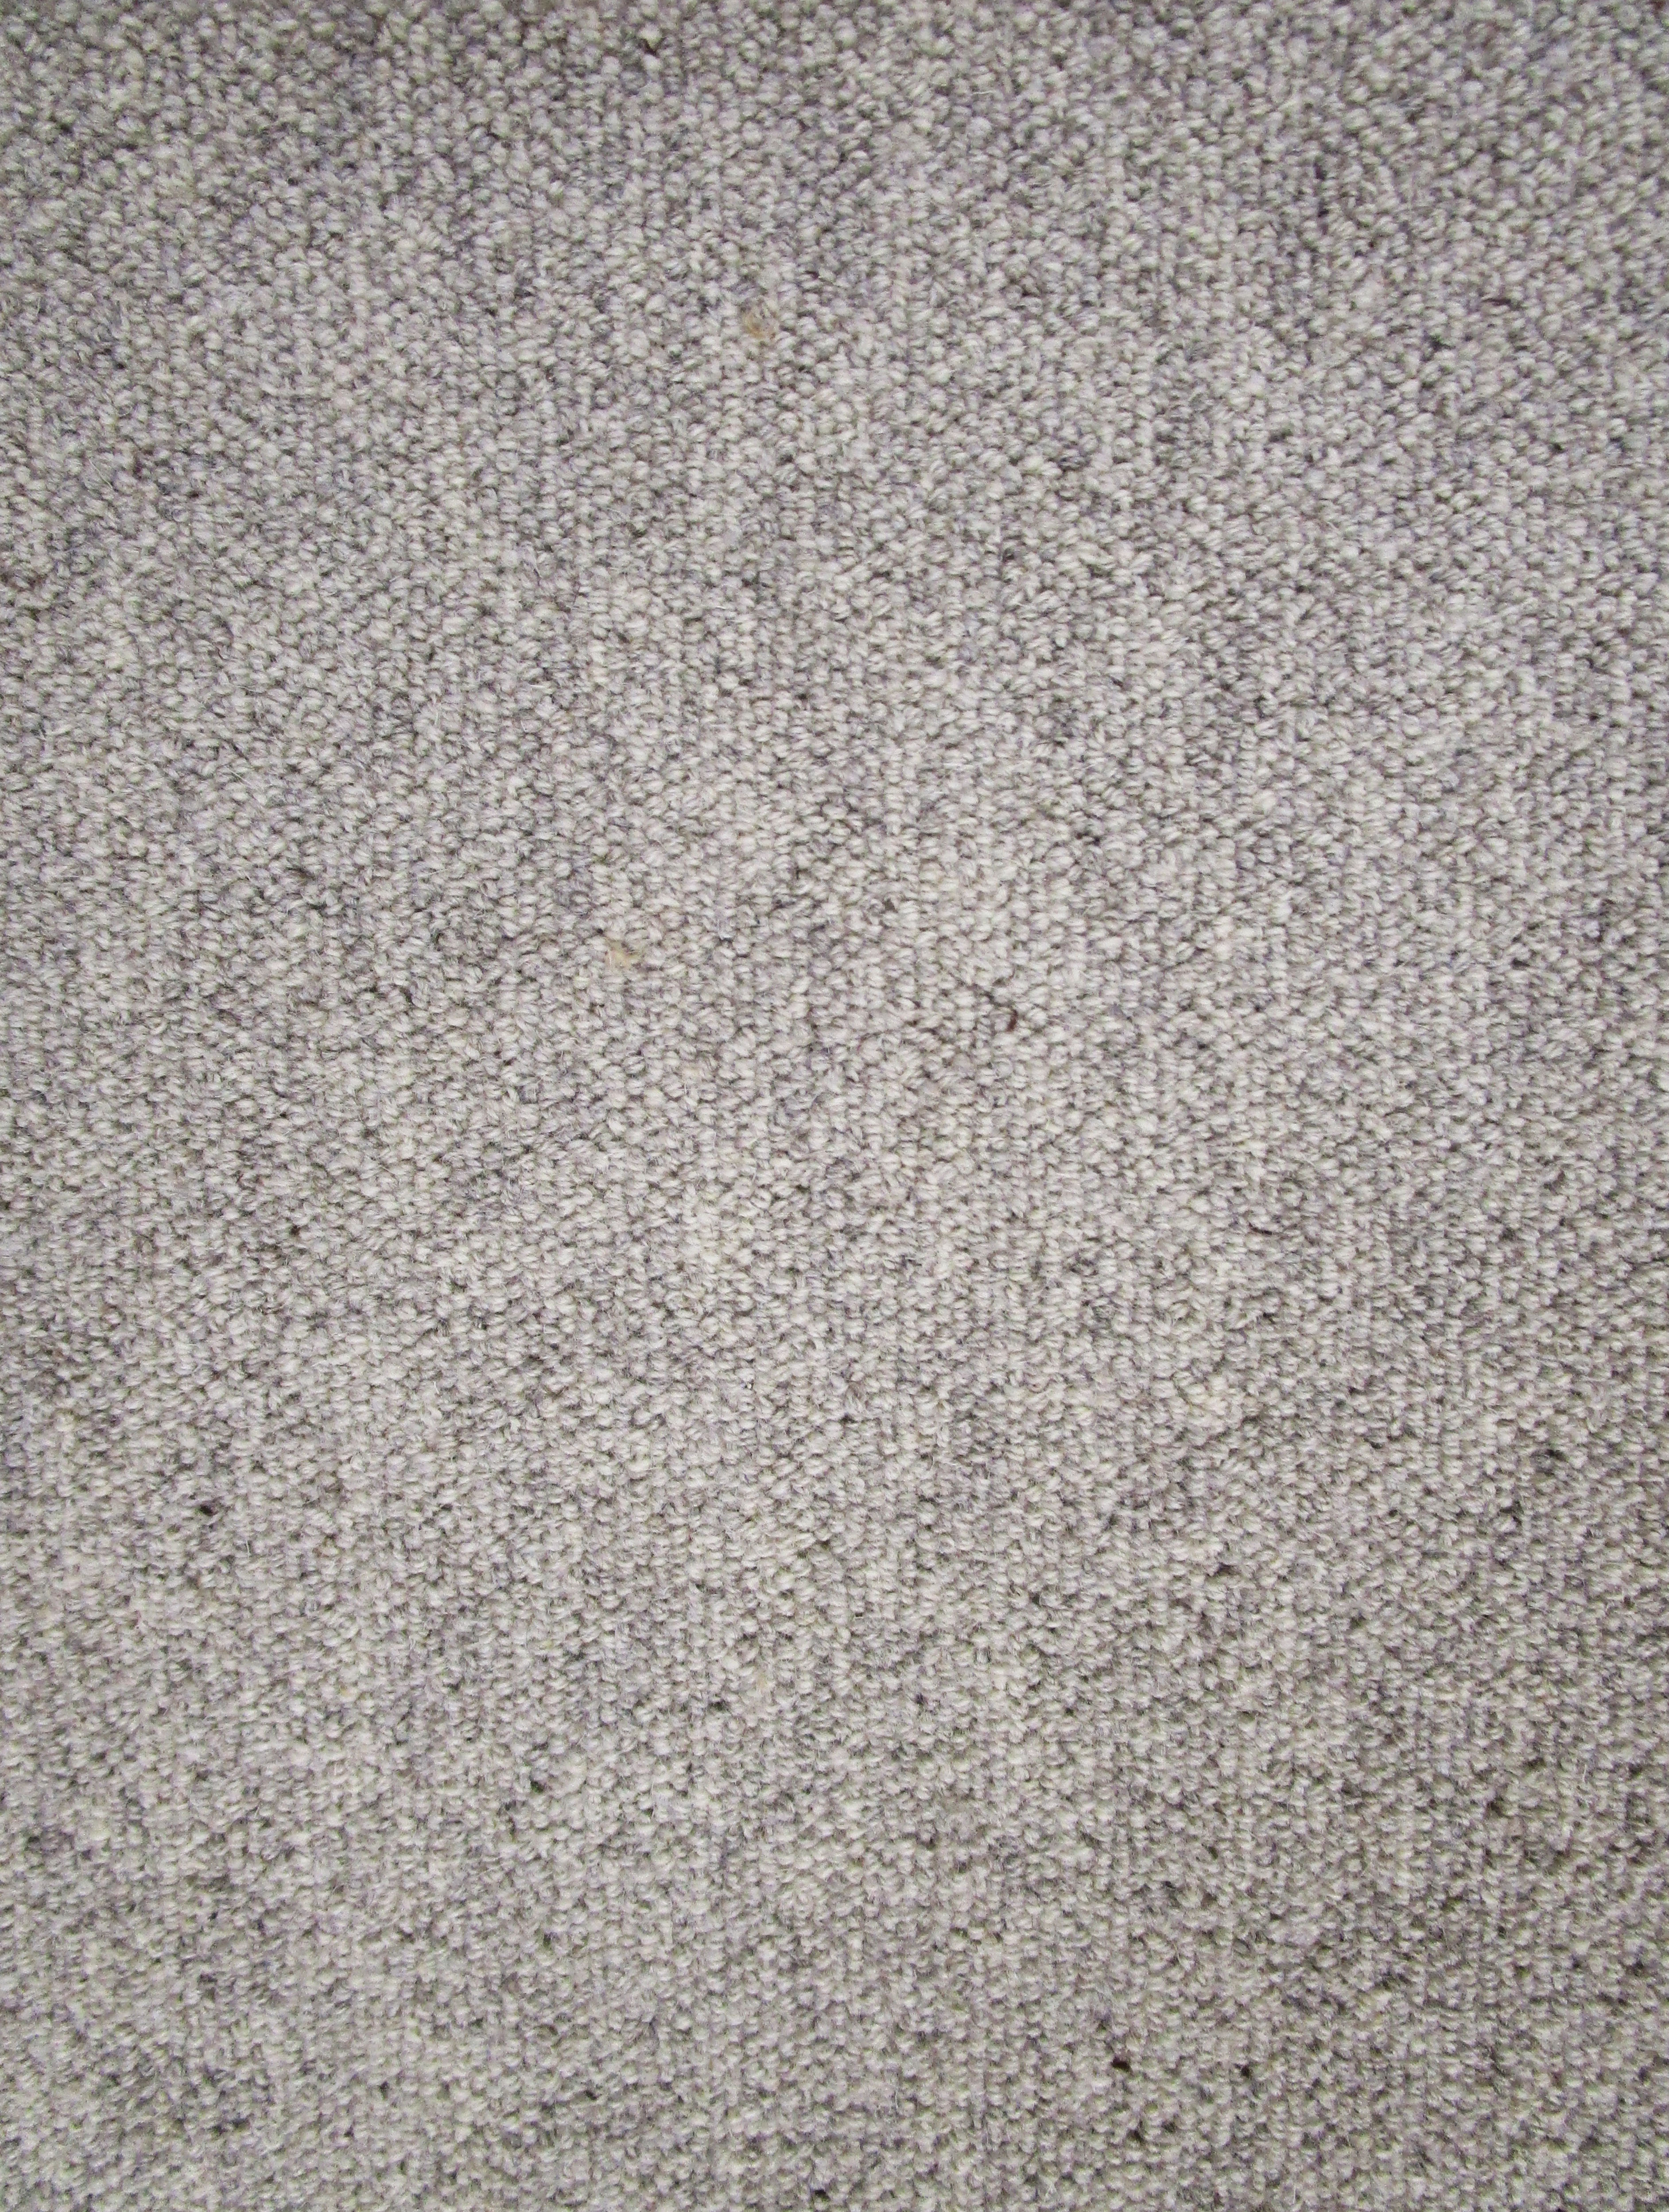 Z4 Frost Gray Eco Friendly Loop Pile Wool Rug / Carpet